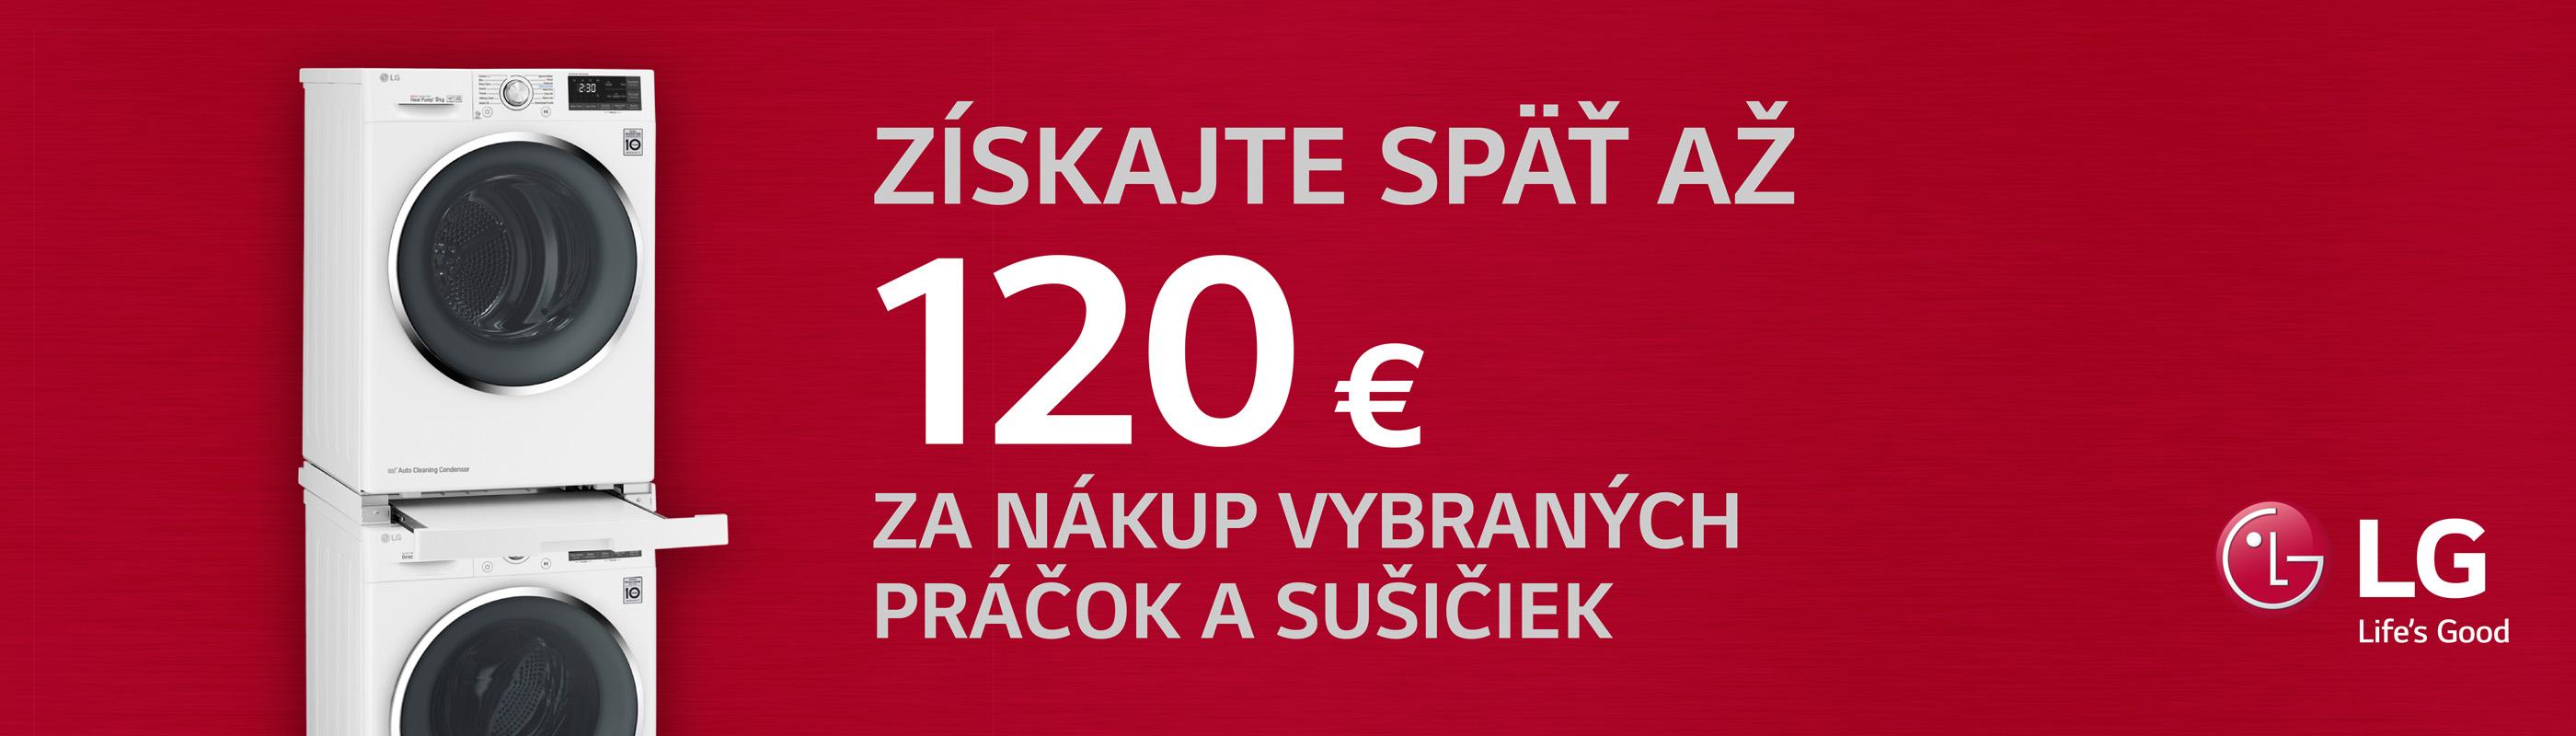 Cashback až do 120 € na práčky a sušičky LG